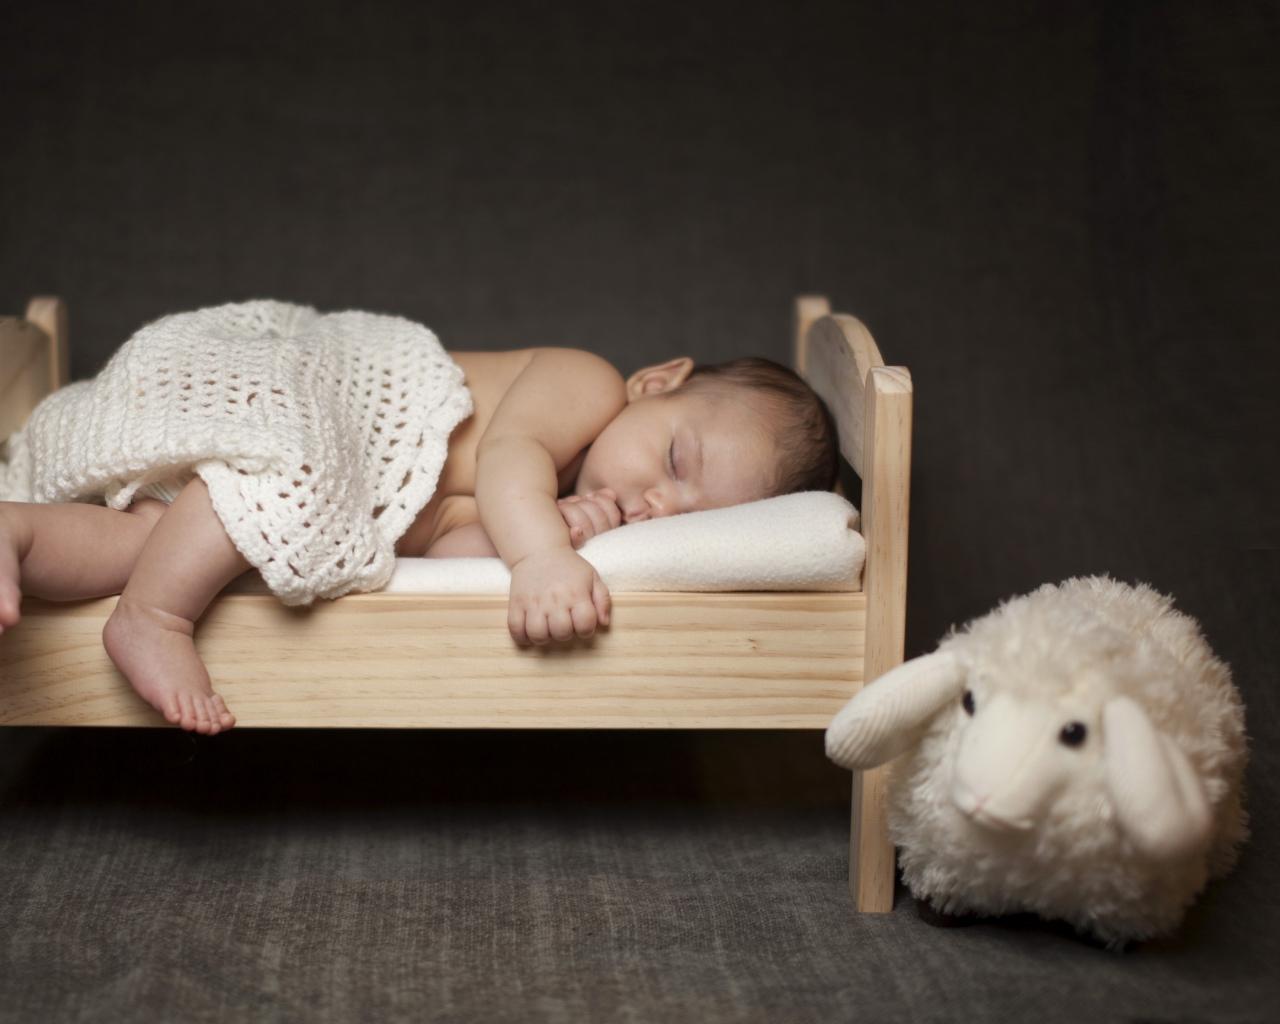 育児疲れのピークはいつ頃?